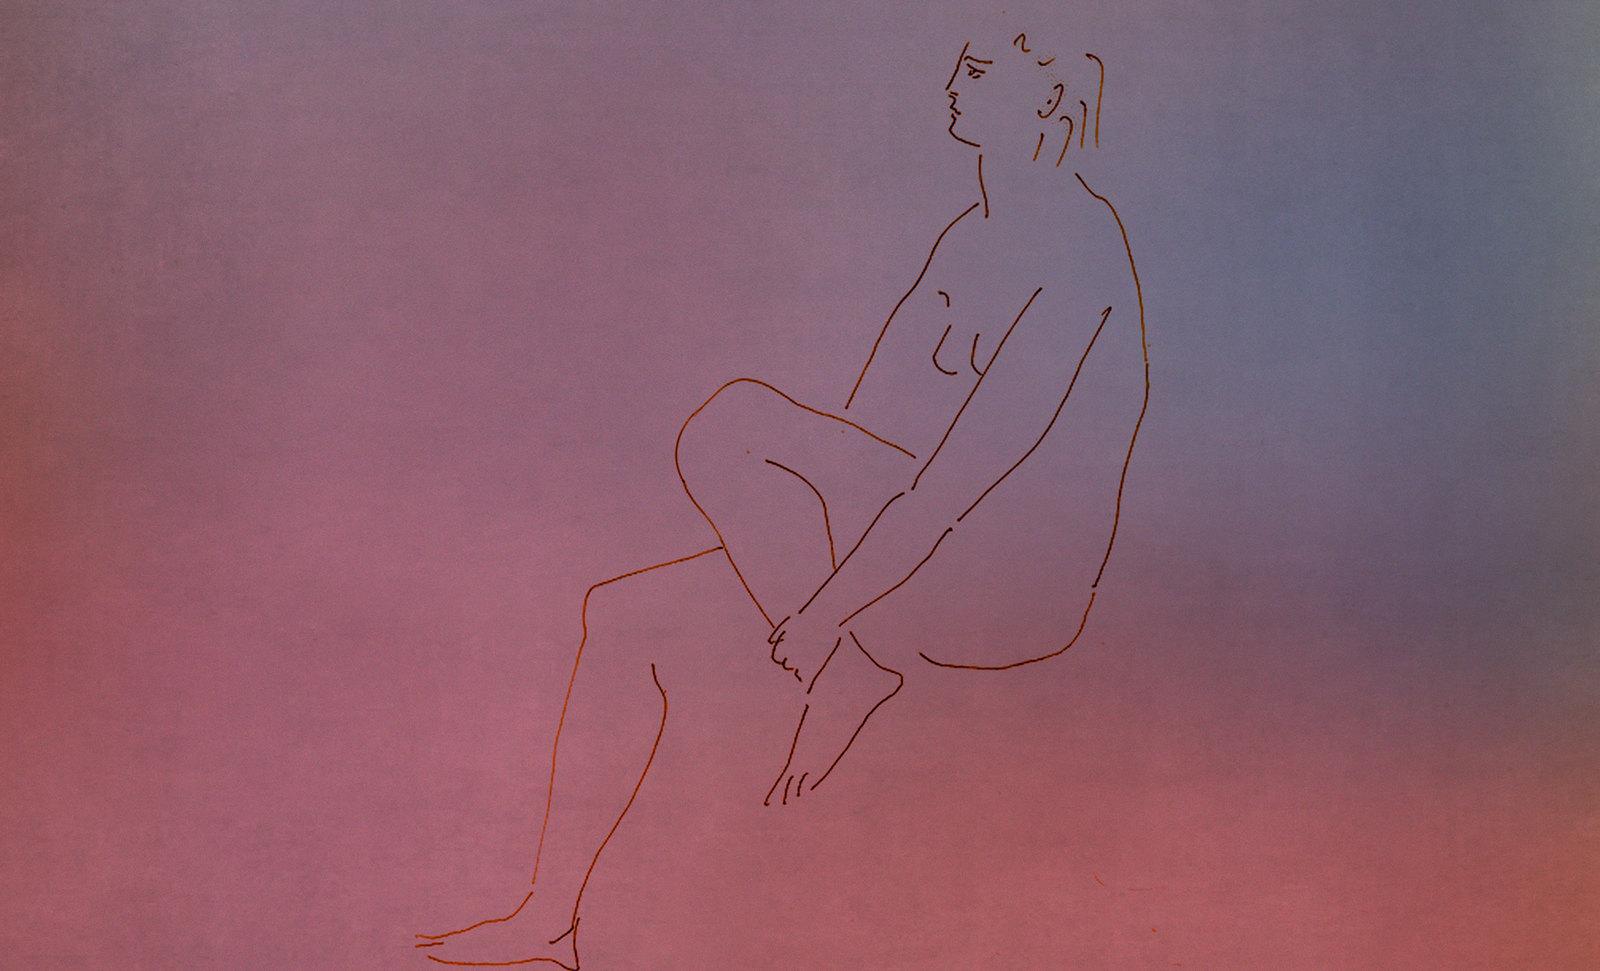 17Pablo Picasso